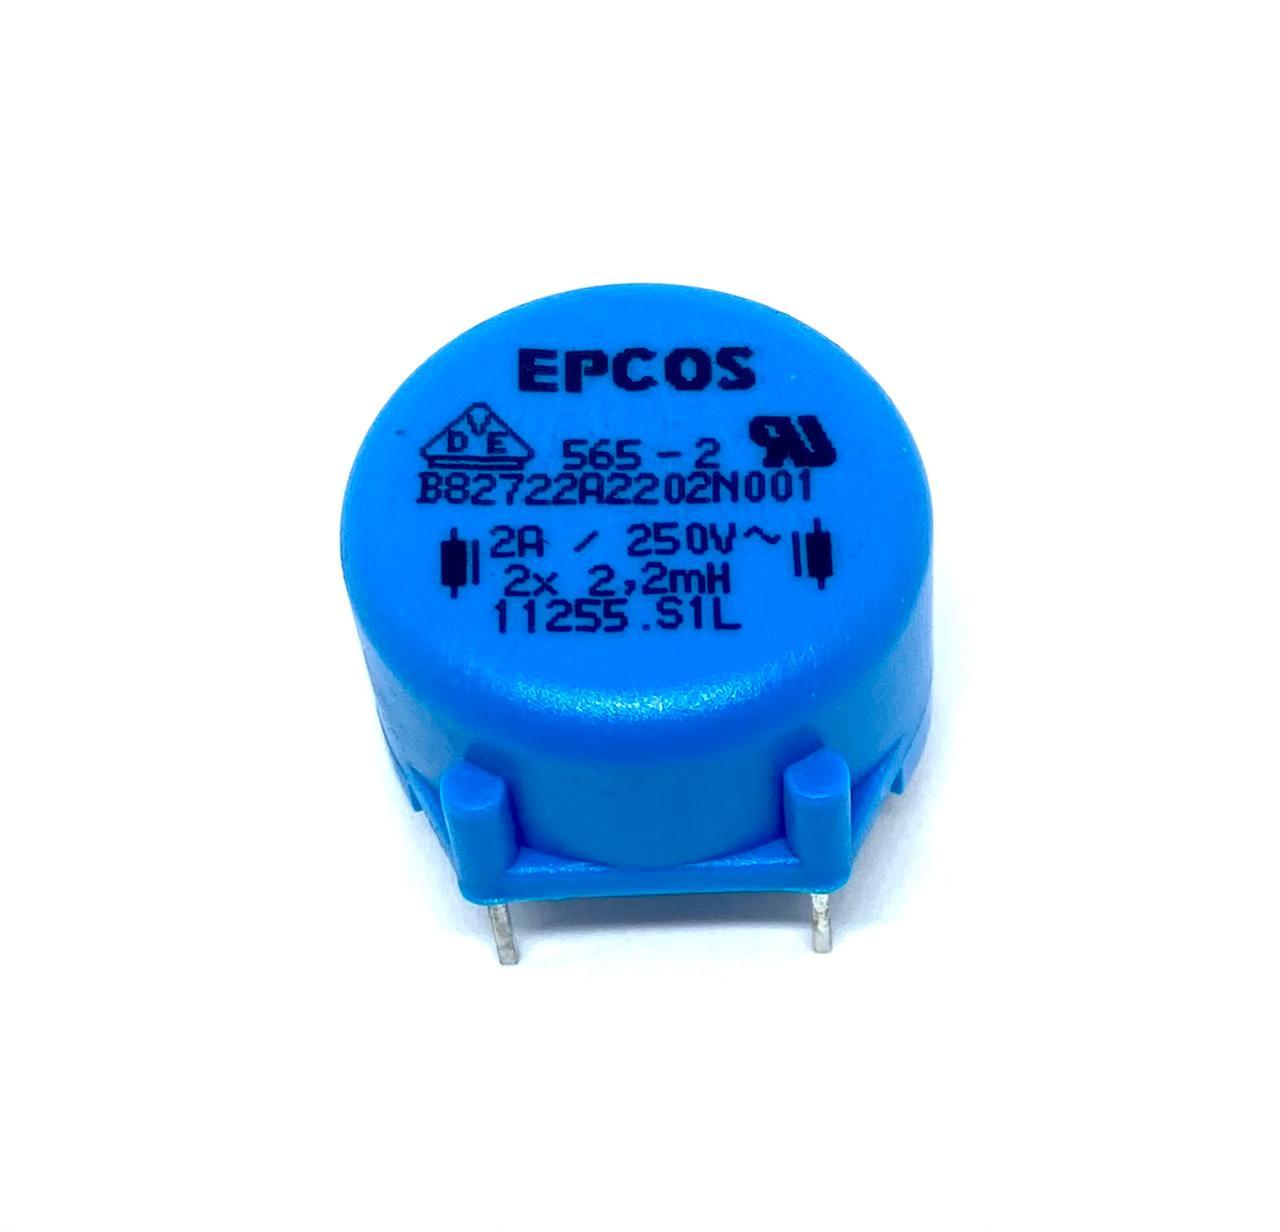 INDUTOR B82722-A2202-N1 EPCOS (B82722A2202N001)